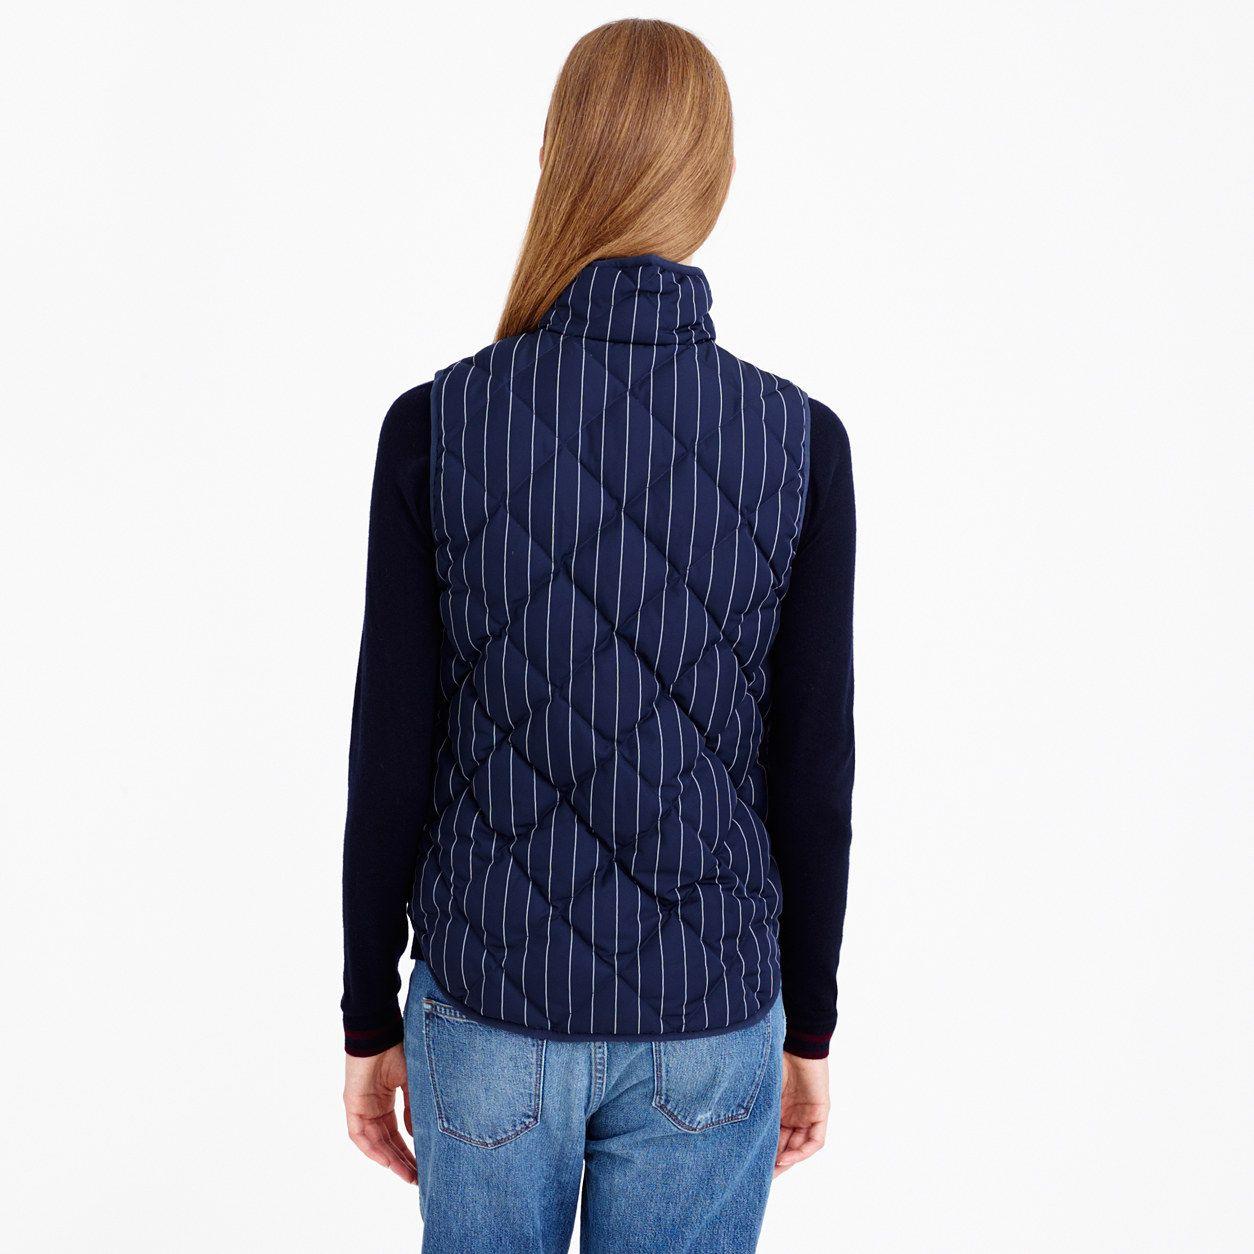 Excursion vest in pinstripe : outerwear & blazers   J.Crew